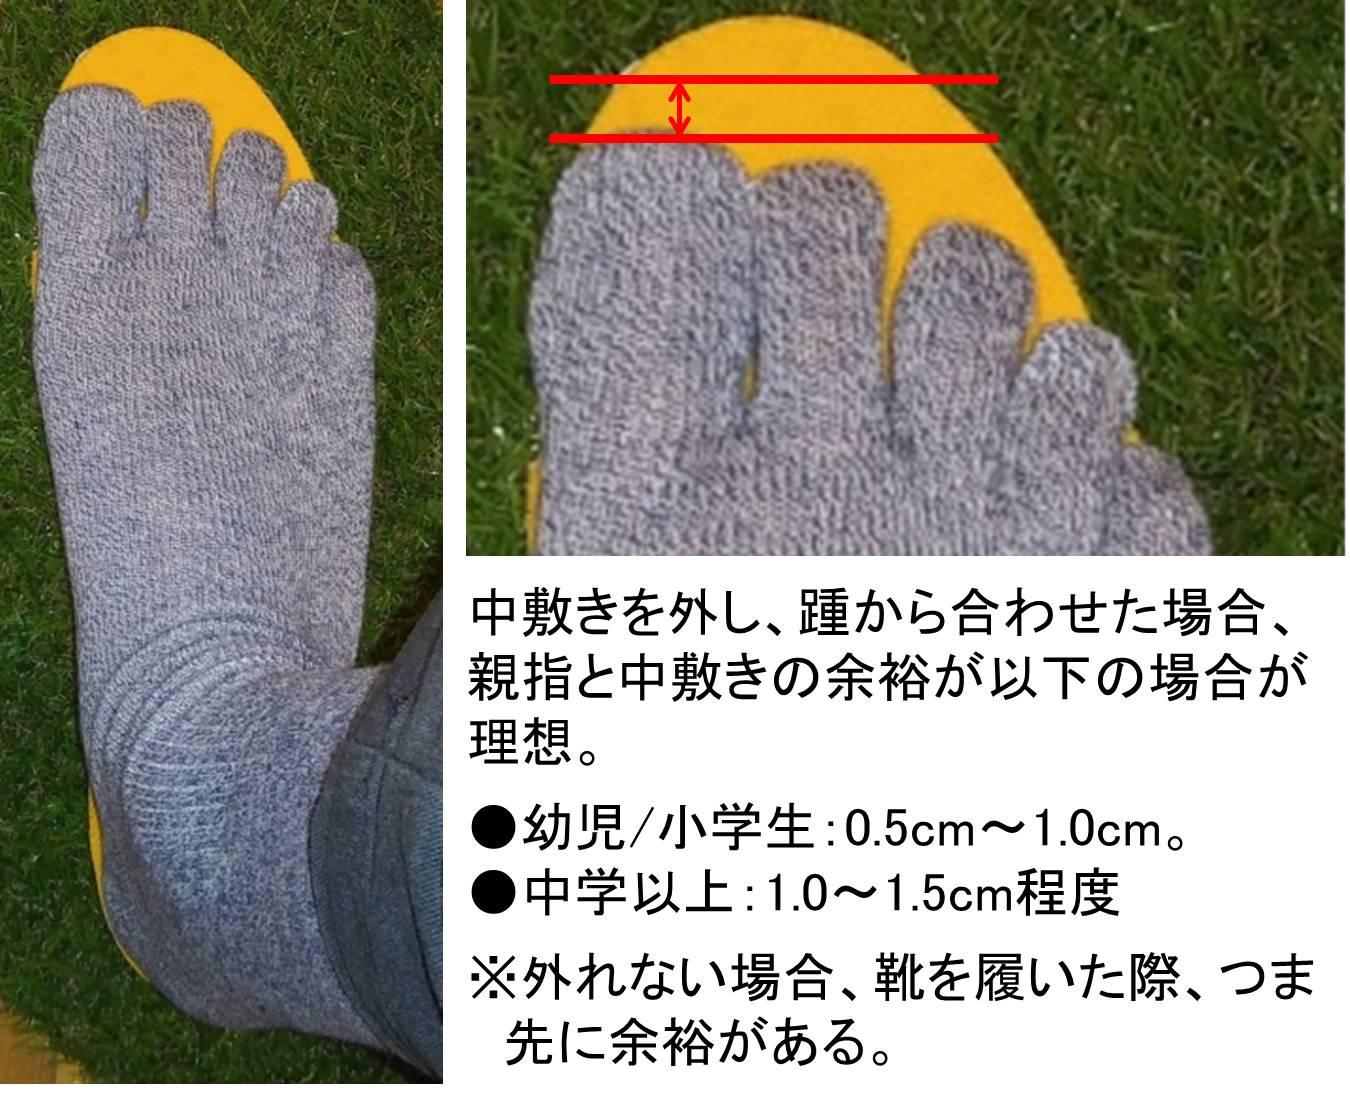 宮城県仙台市 靴のサイズ